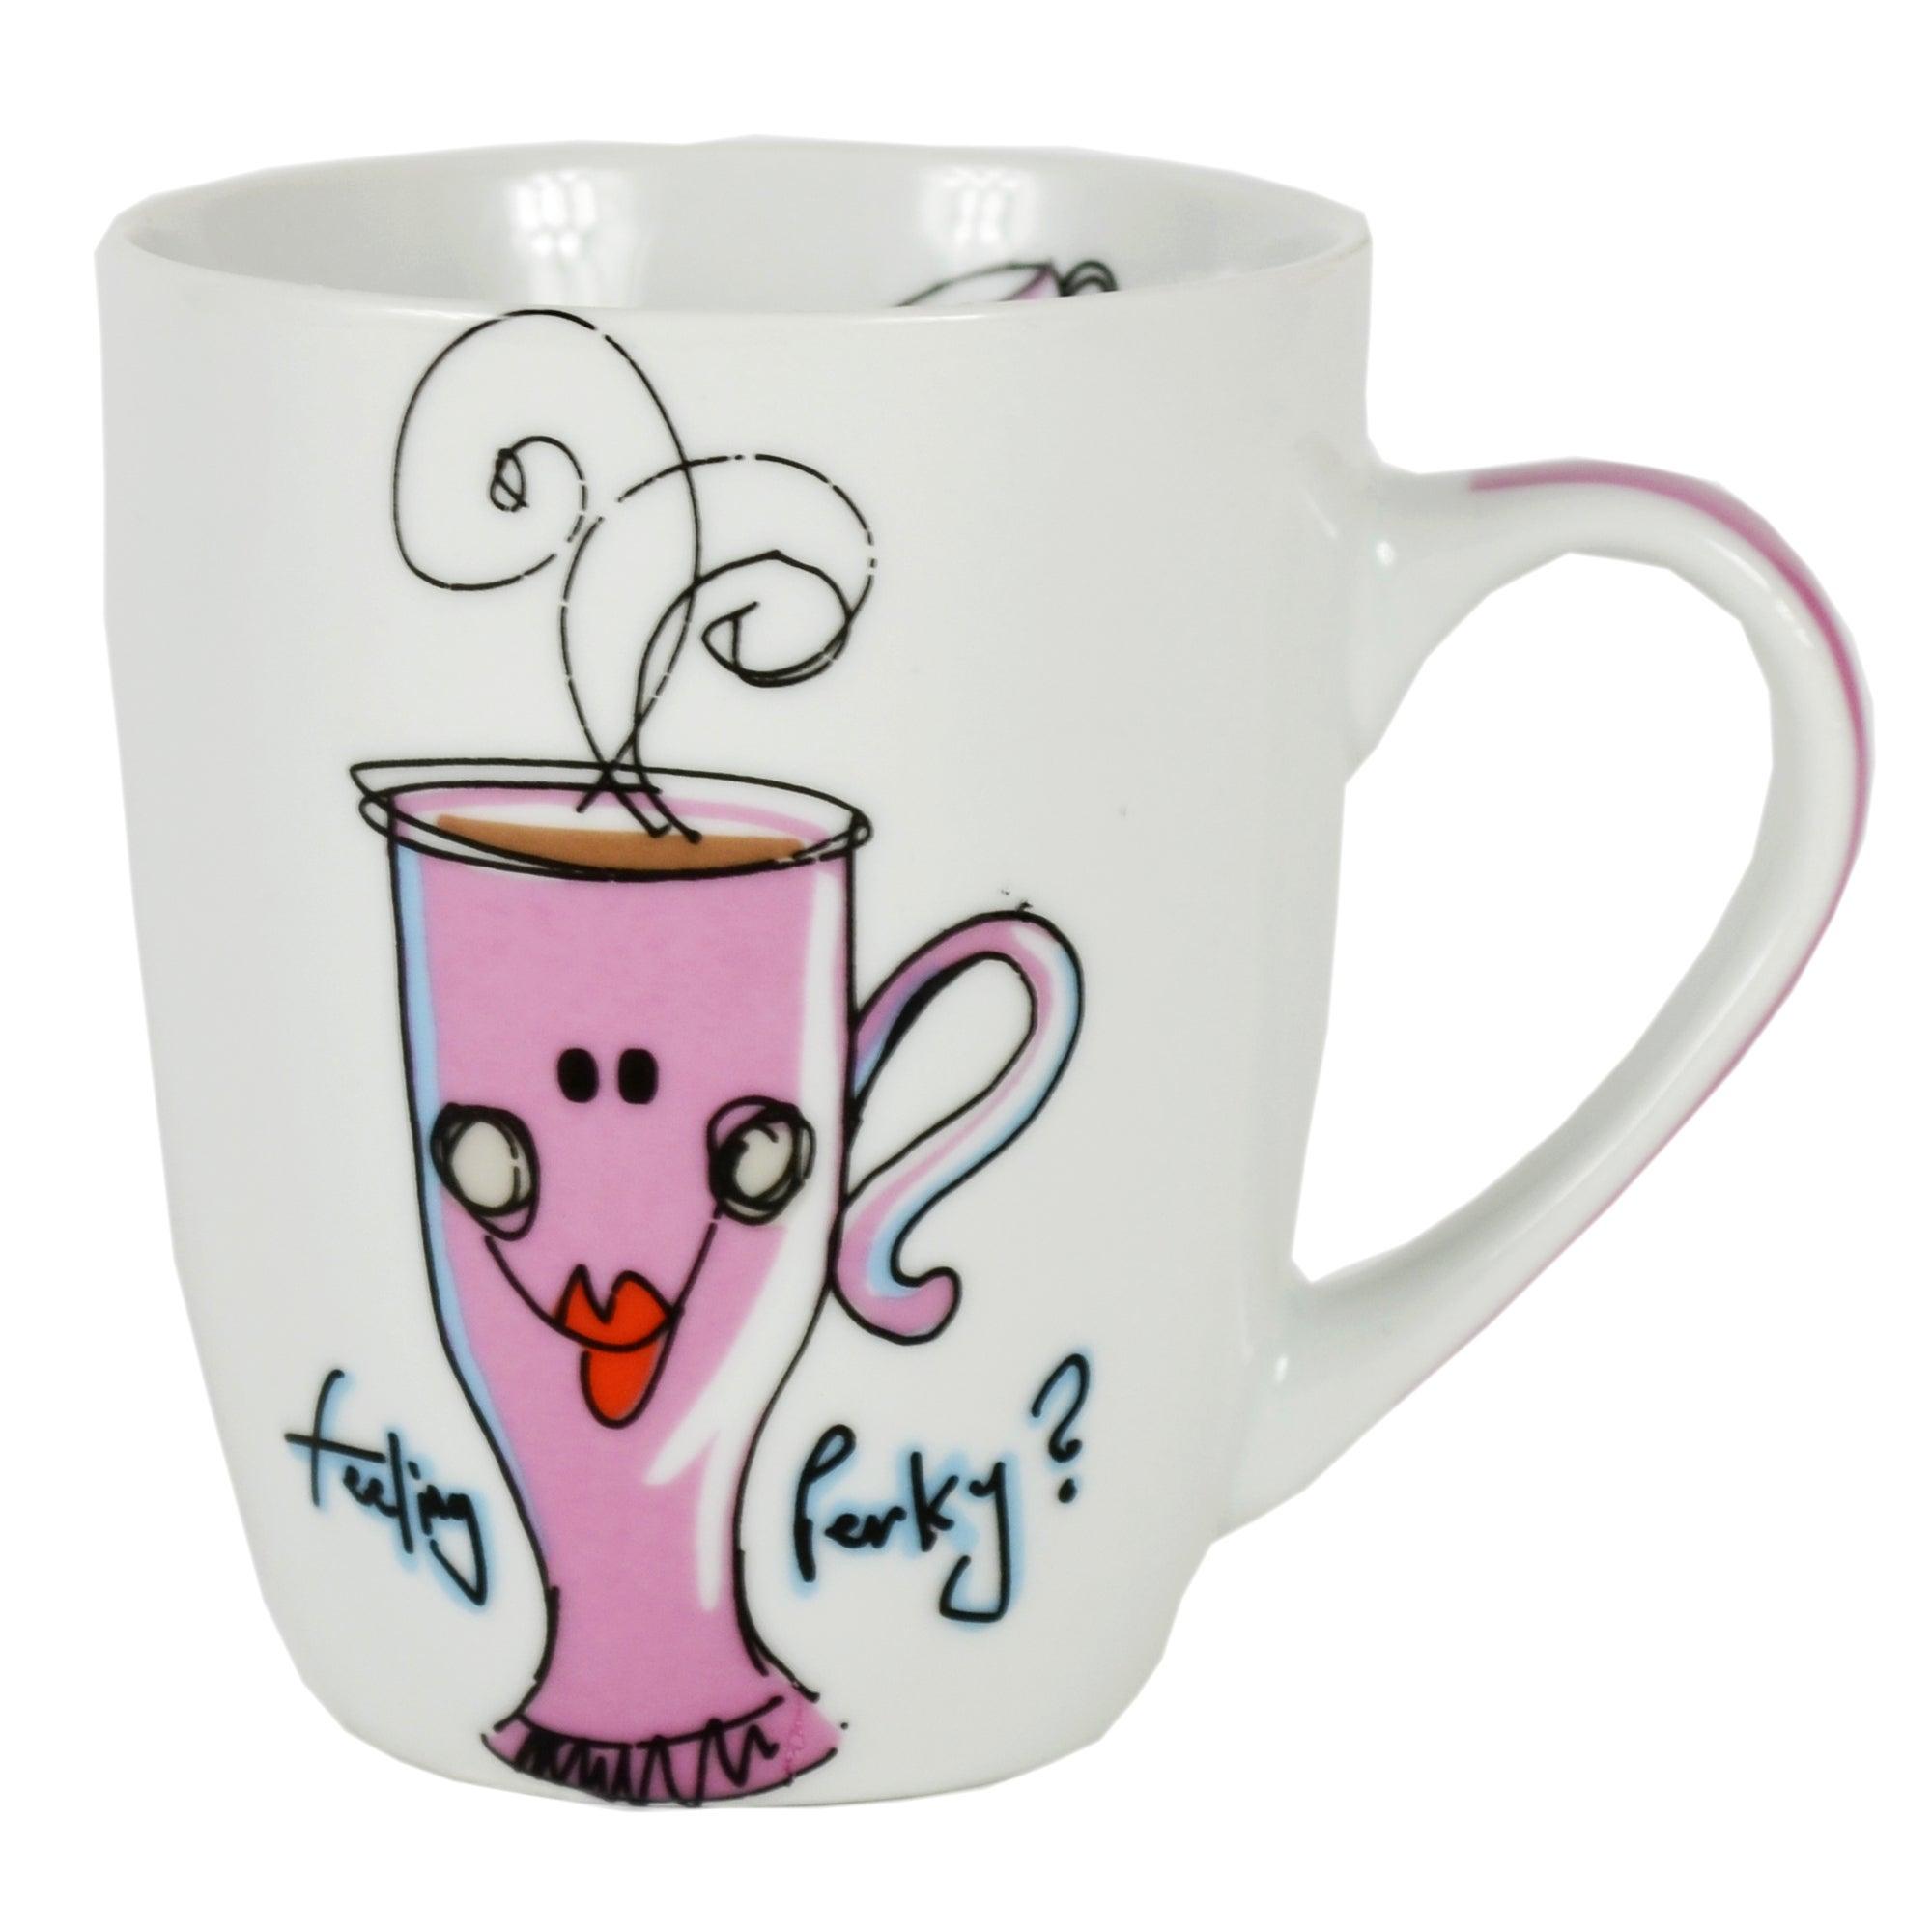 Feeling Perky Mug